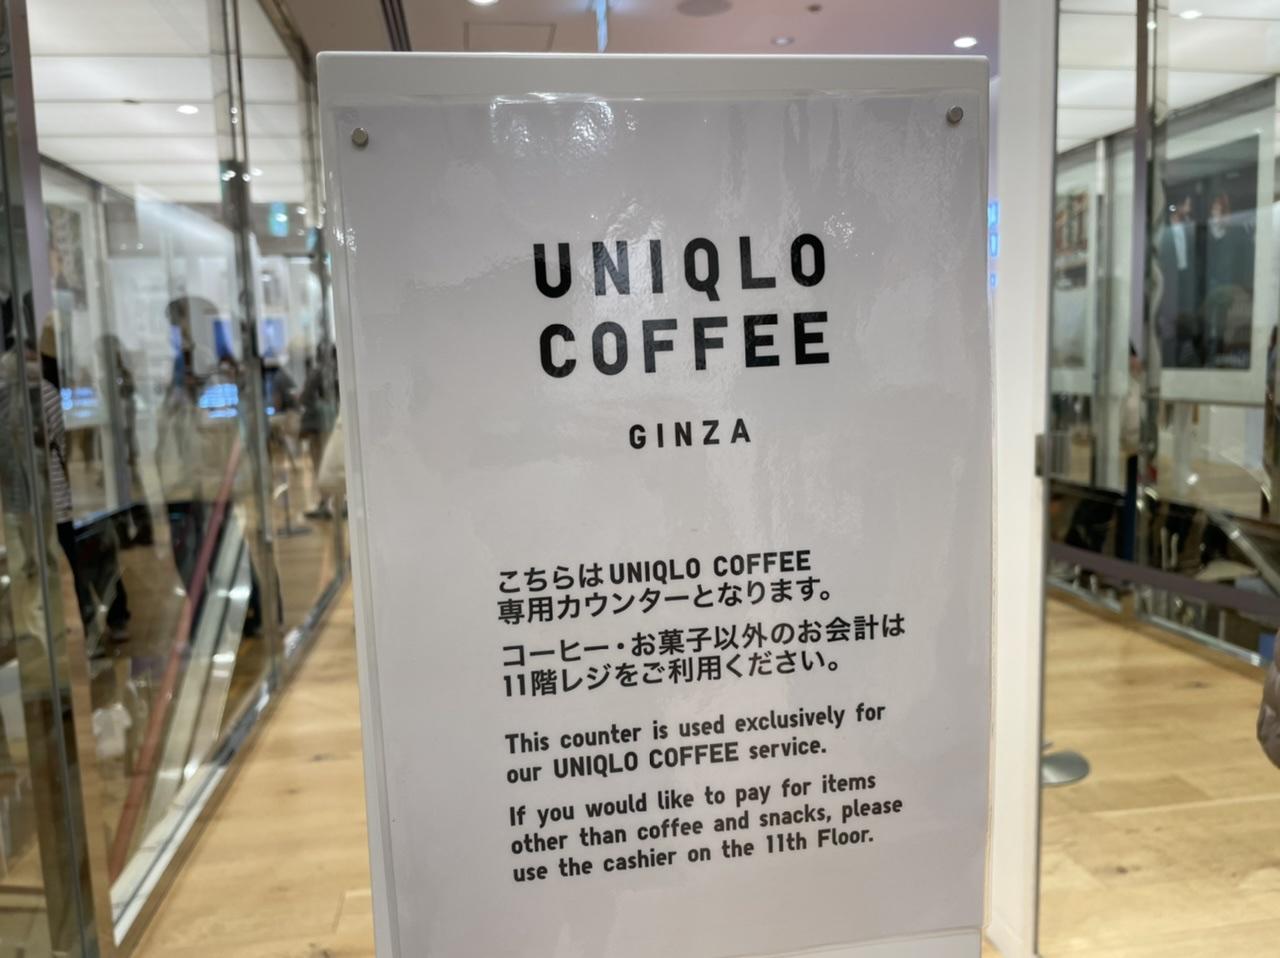 【ユニクロ】銀座のコーヒーブレイクに「ユニクロ」という選択肢を。《UNIQLO COFFEE 》@ユニクロ銀座店_2